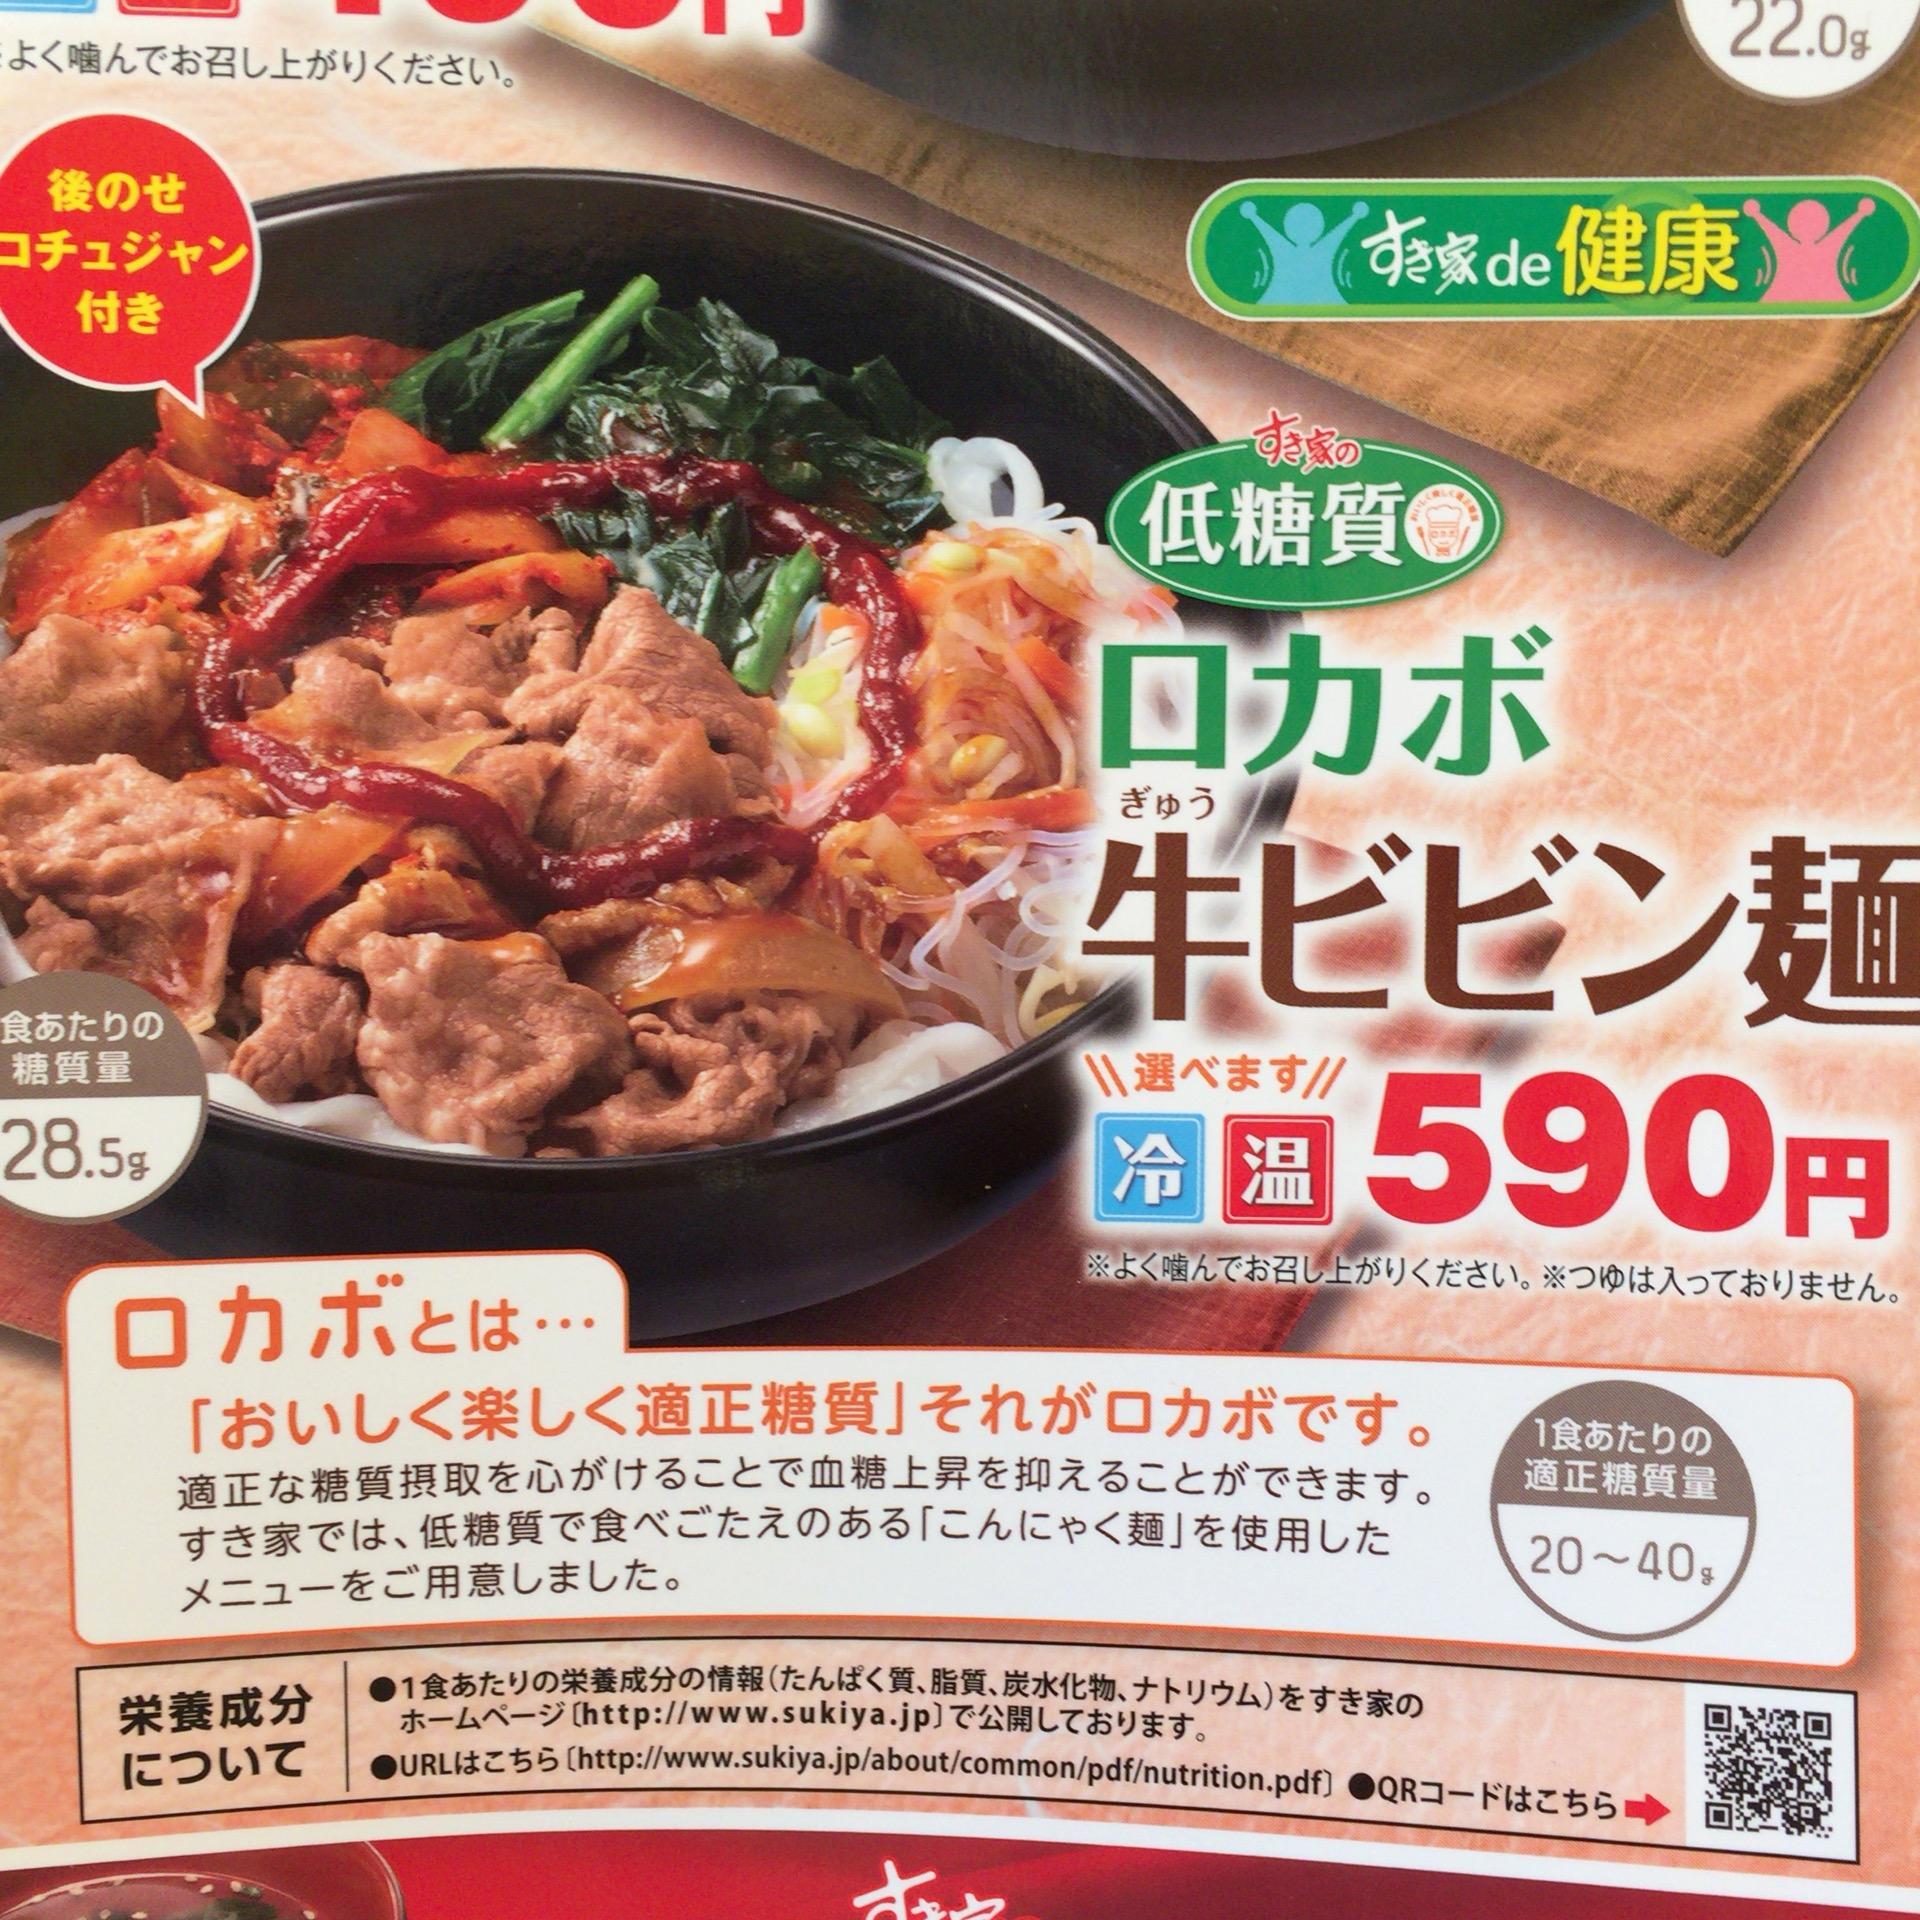 ロカボ牛ビビン麺のポップ